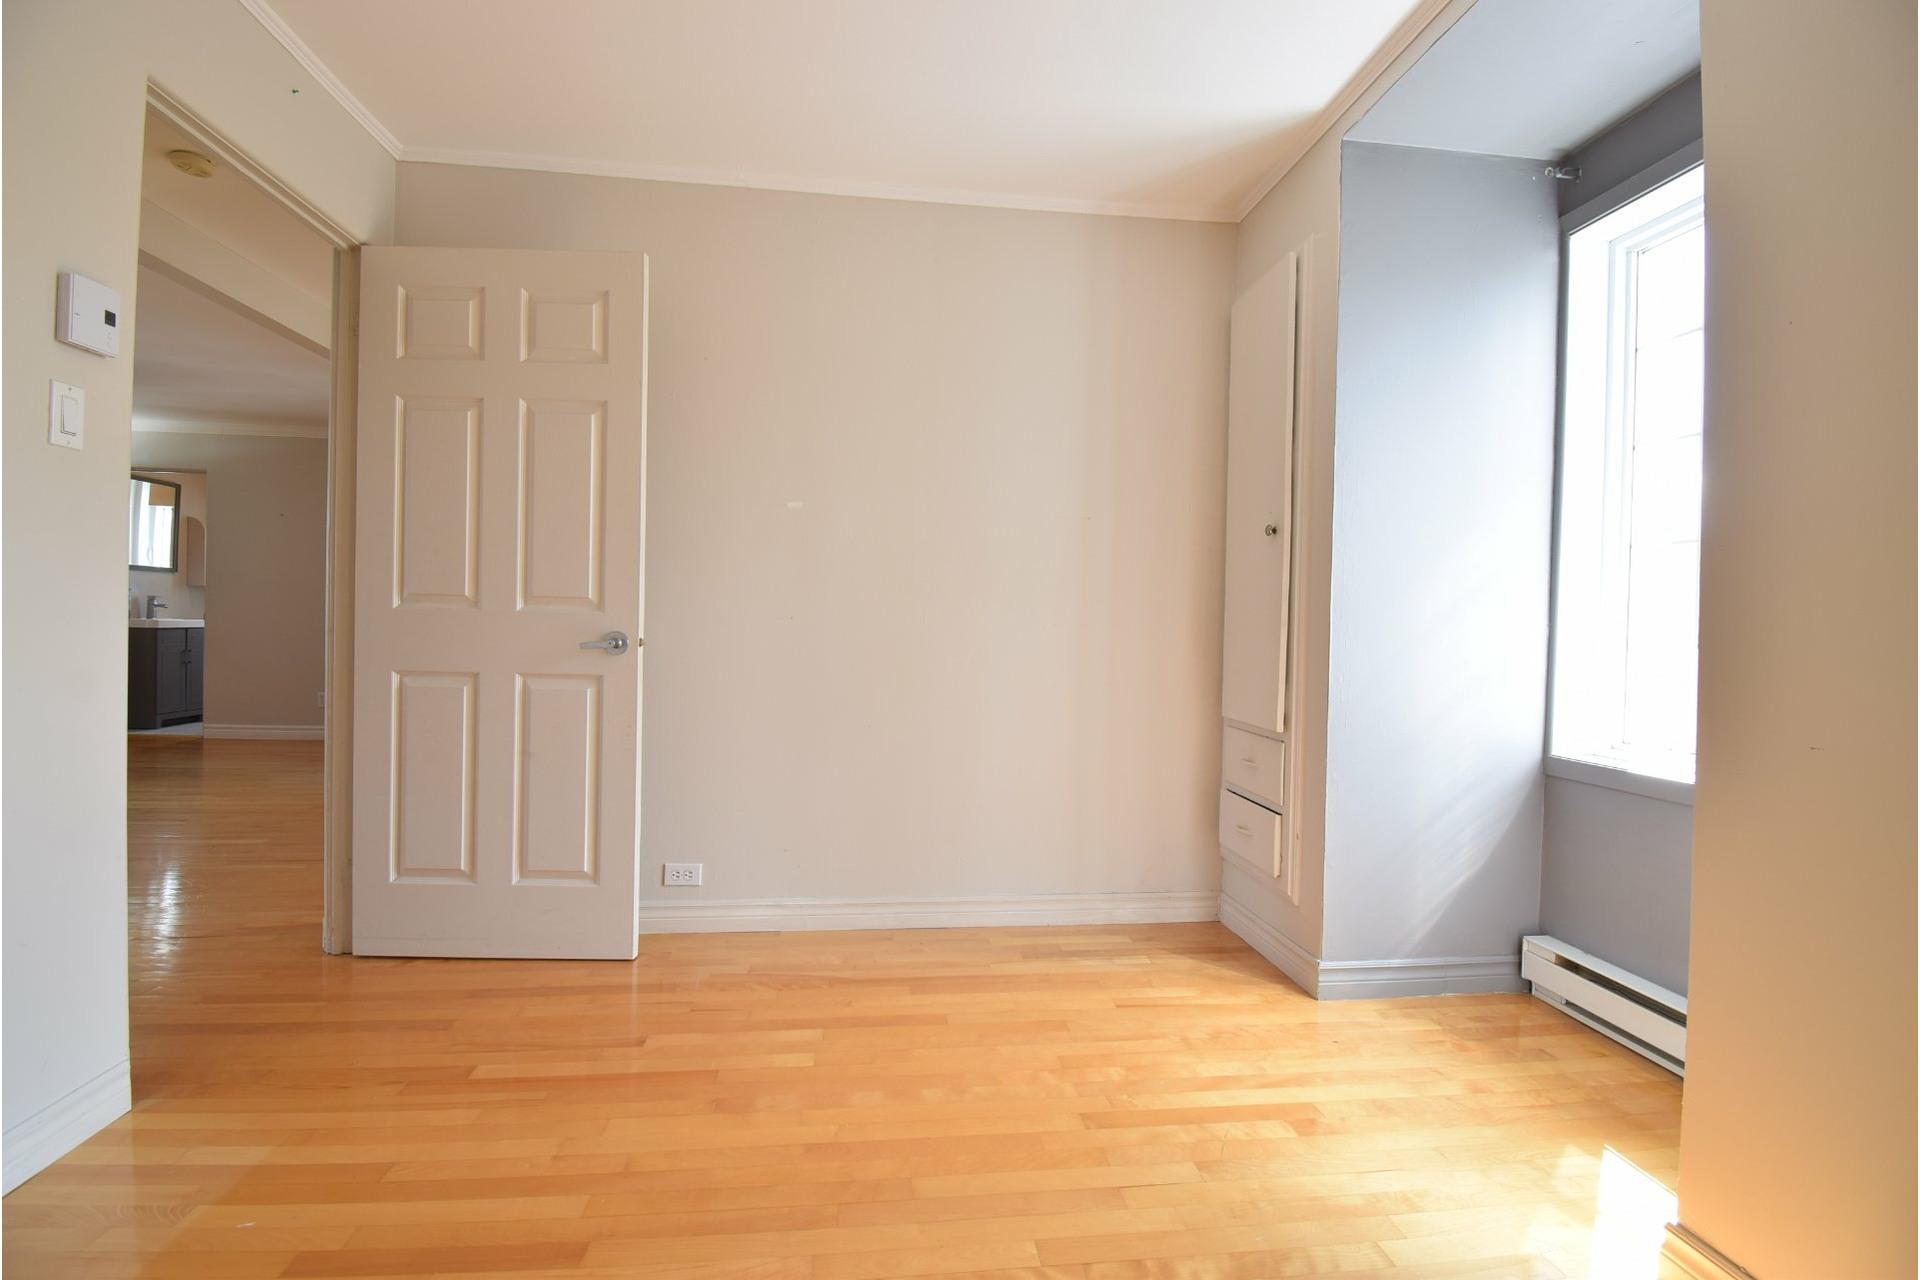 image 25 - Duplex À vendre Trois-Rivières - 4 pièces